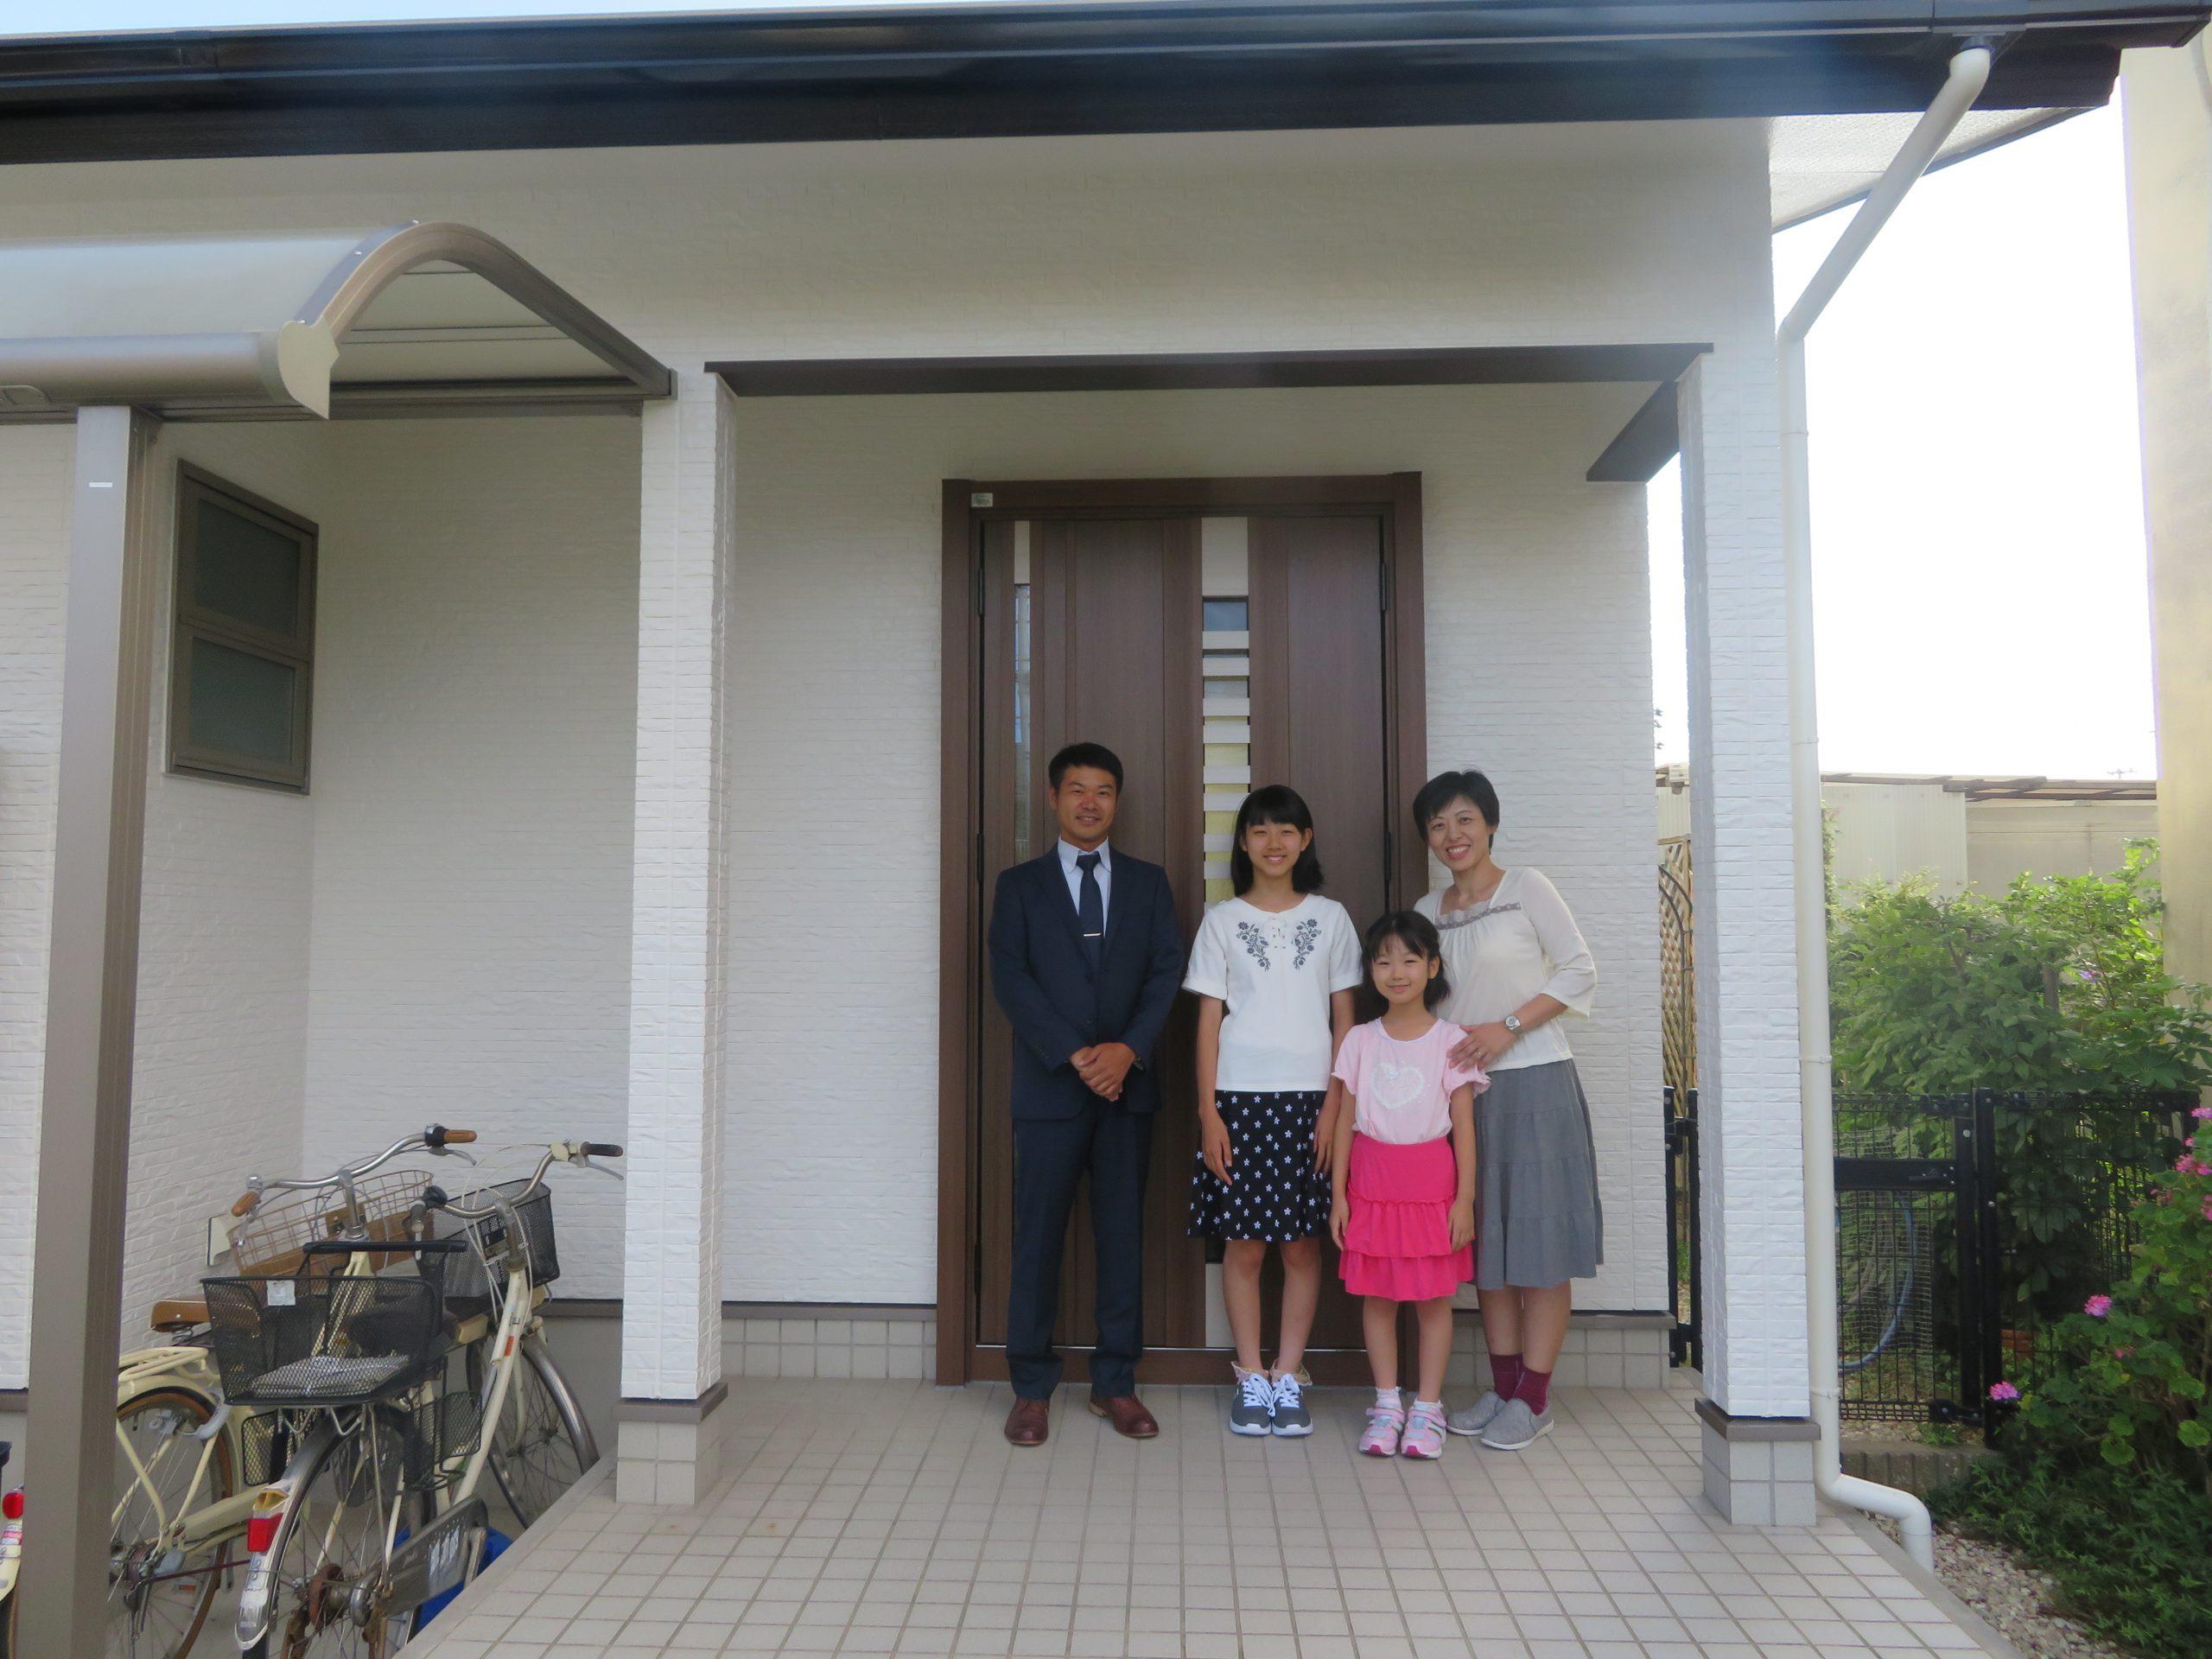 高松市T様邸にて外壁屋根の塗装、玄関ドアリフォームを行いました。